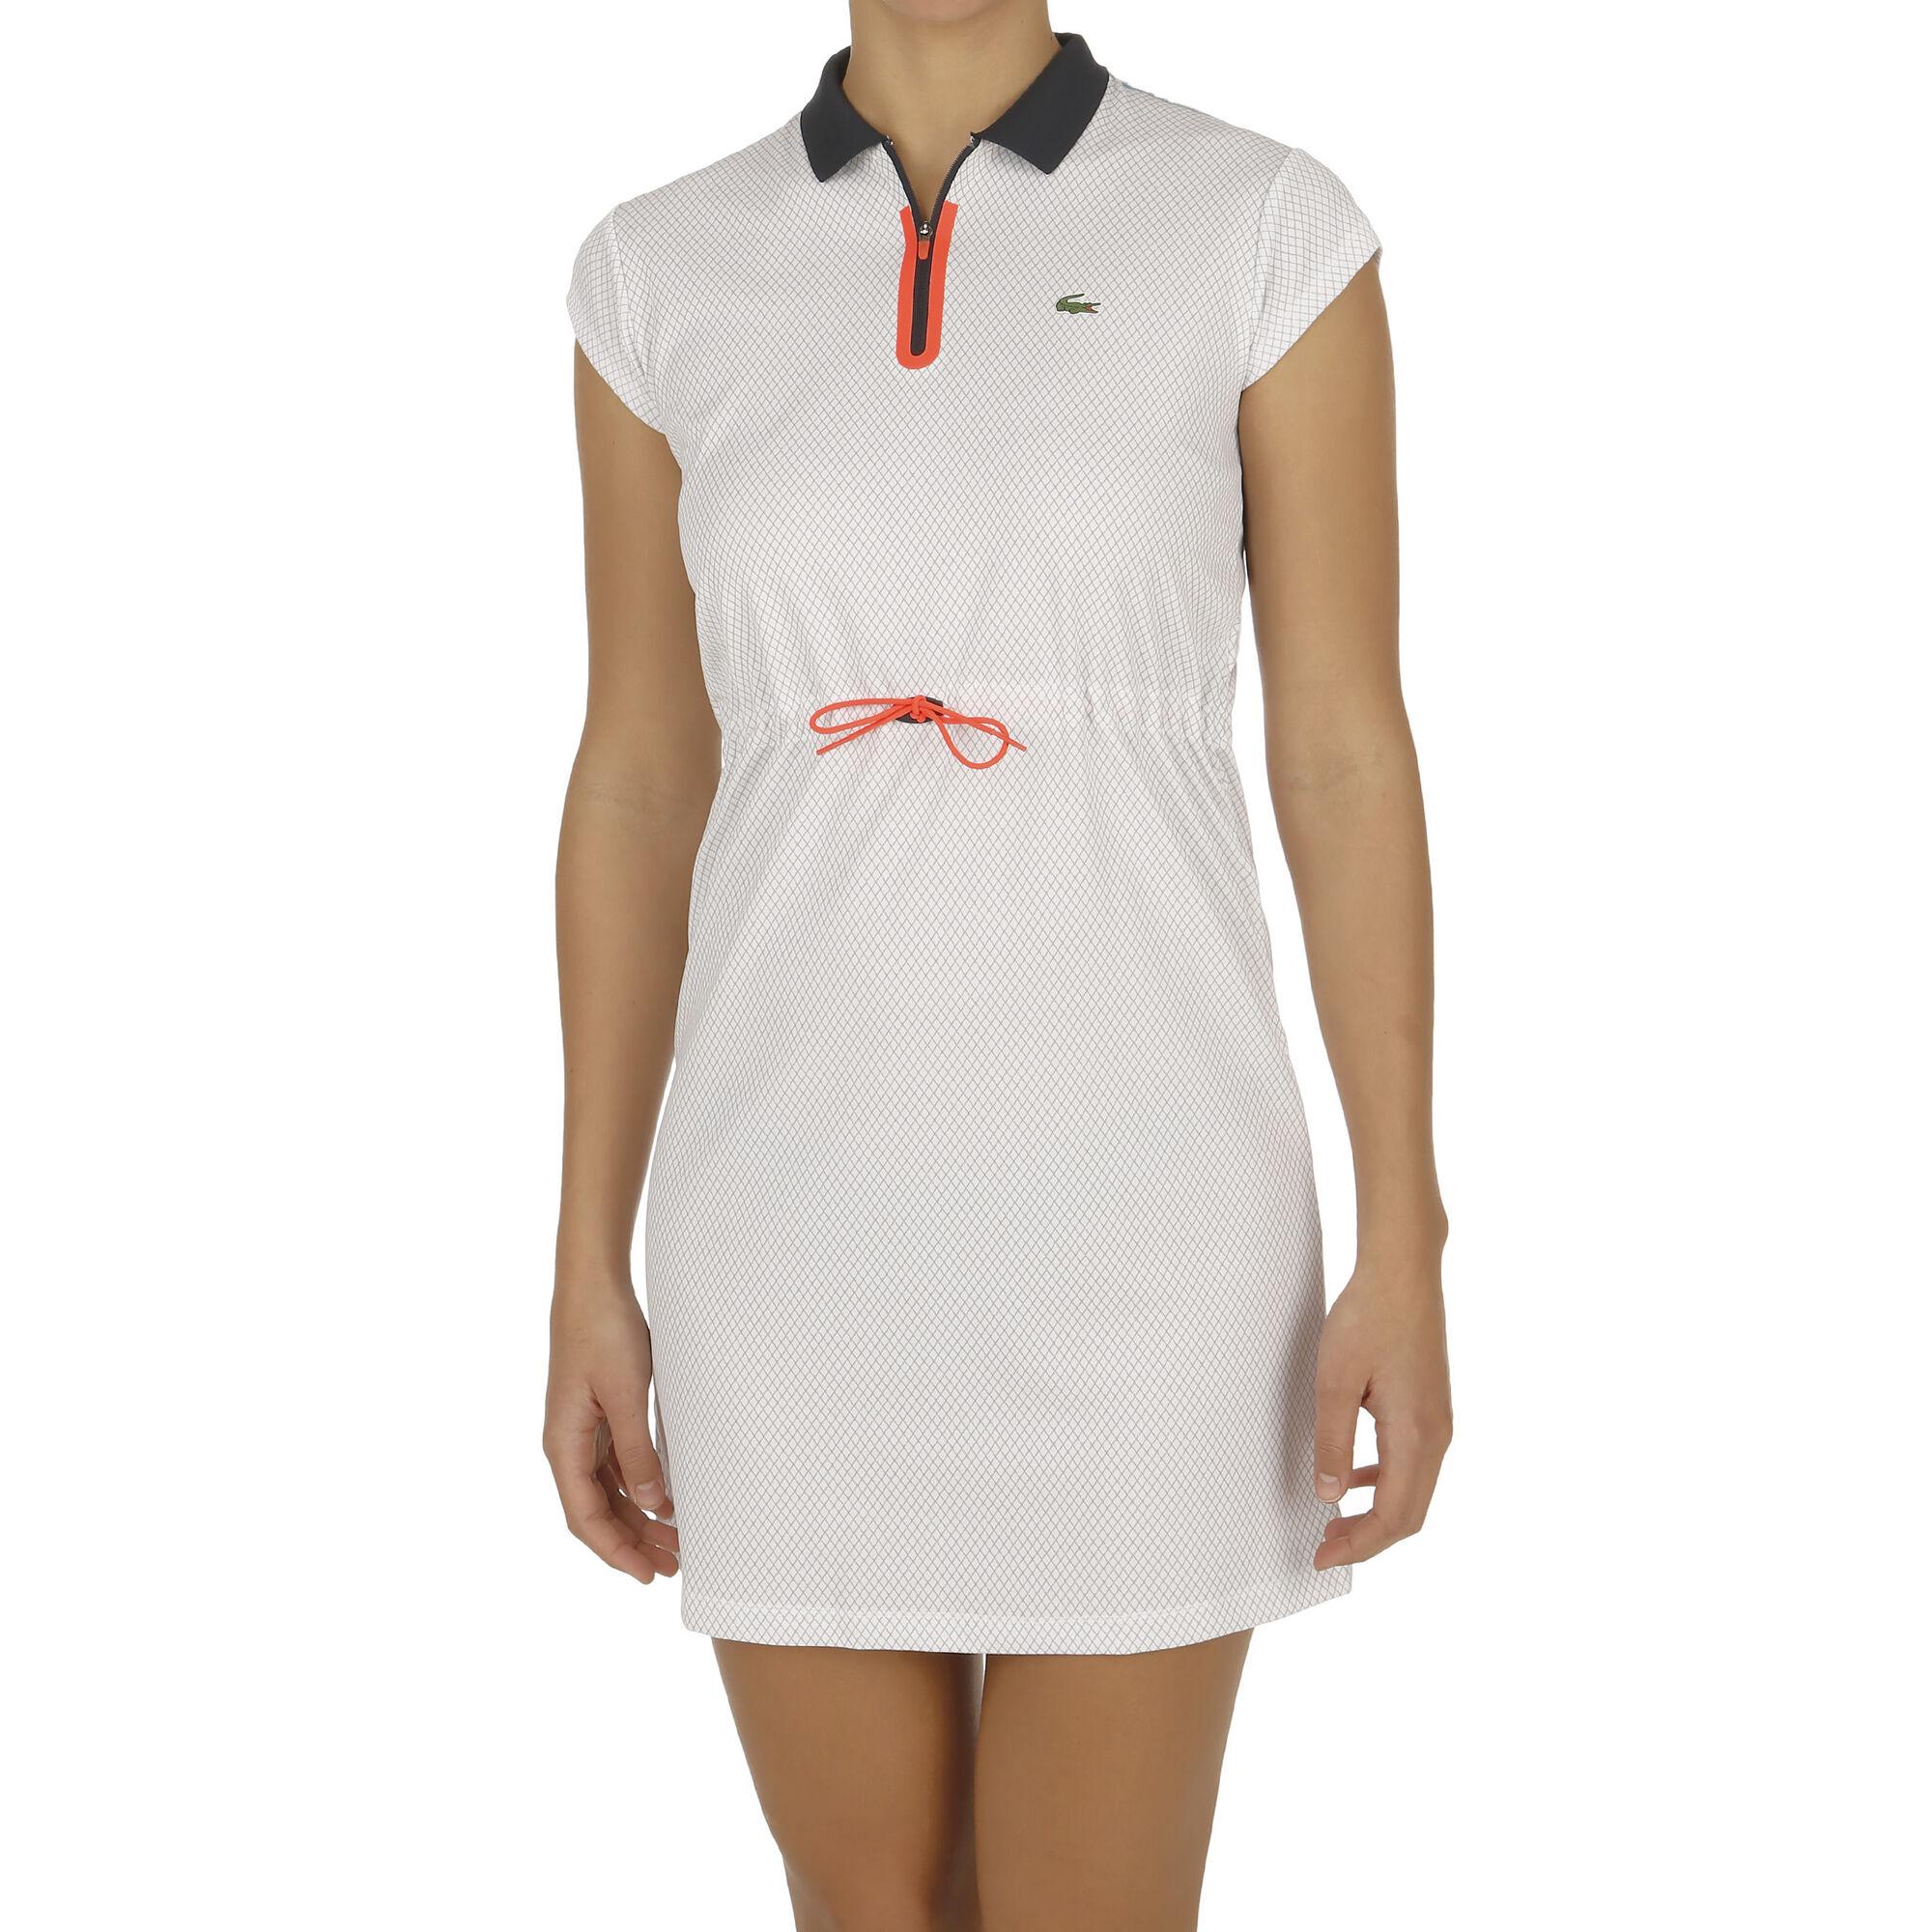 Lacoste Kleid Damen - Weiß, Dunkelblau online kaufen ...